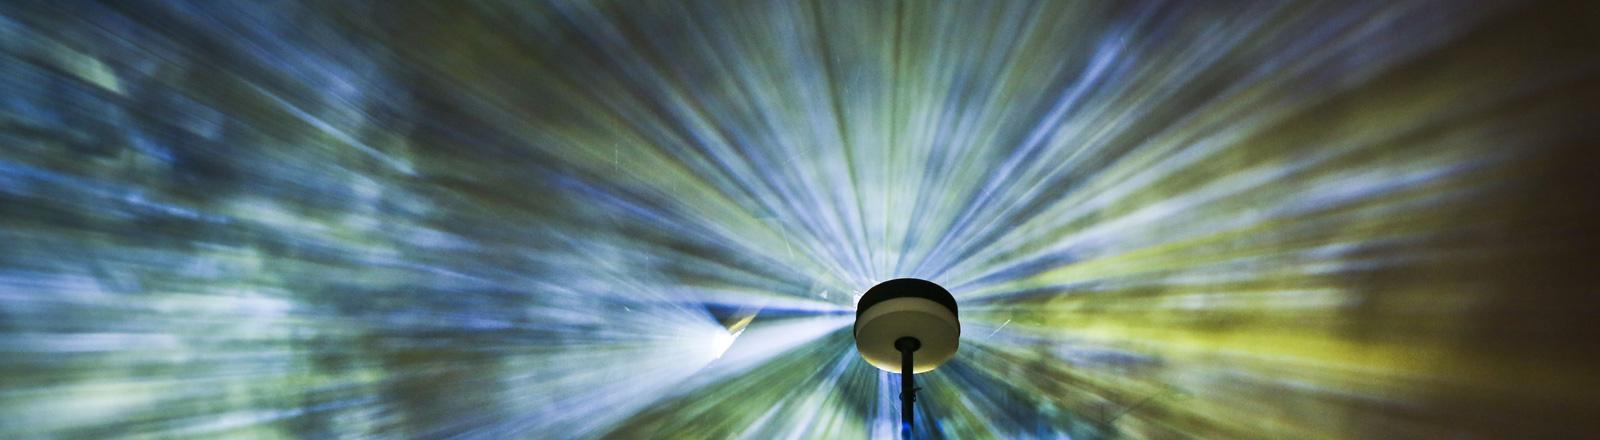 """Zwei Besucher stehen am Samstag (14.04.2012) auf dem alten Campus der Goethe-Universität im Stadtteil Bockenheim von Frankfurt am Main zwischen Rauchschwaden und Laserstrahlen der Installation """"Time Drifts"""" des Künstlers Philipp Geist, die im Rahmen der Luminale 2012 aufgebaut wurde."""